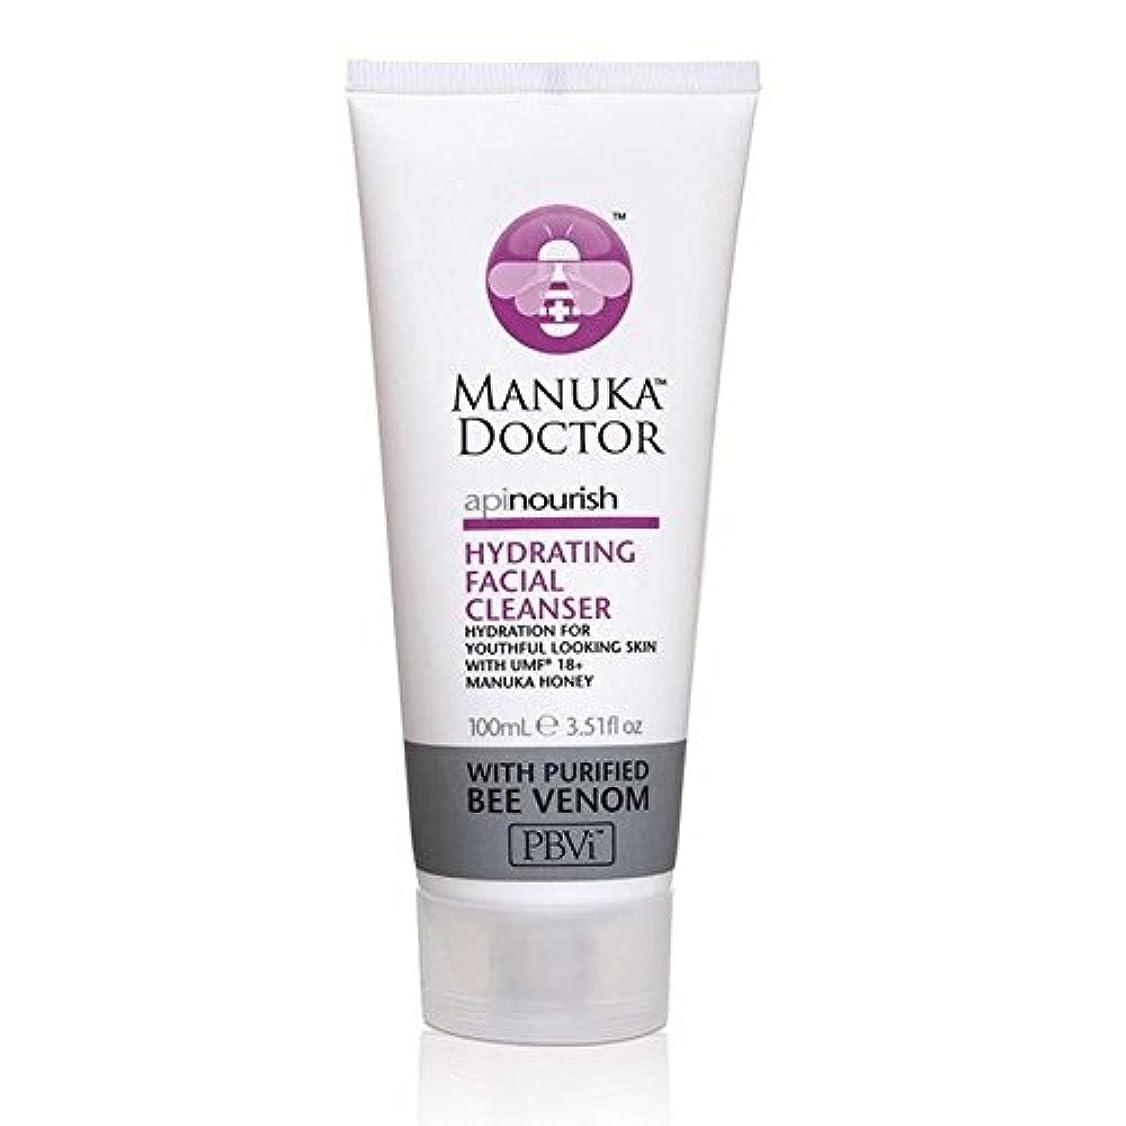 竜巻地図直感Manuka Doctor Api Nourish Hydrating Facial Cleanser 100ml - マヌカドクター洗顔料の100ミリリットルの水和養います [並行輸入品]